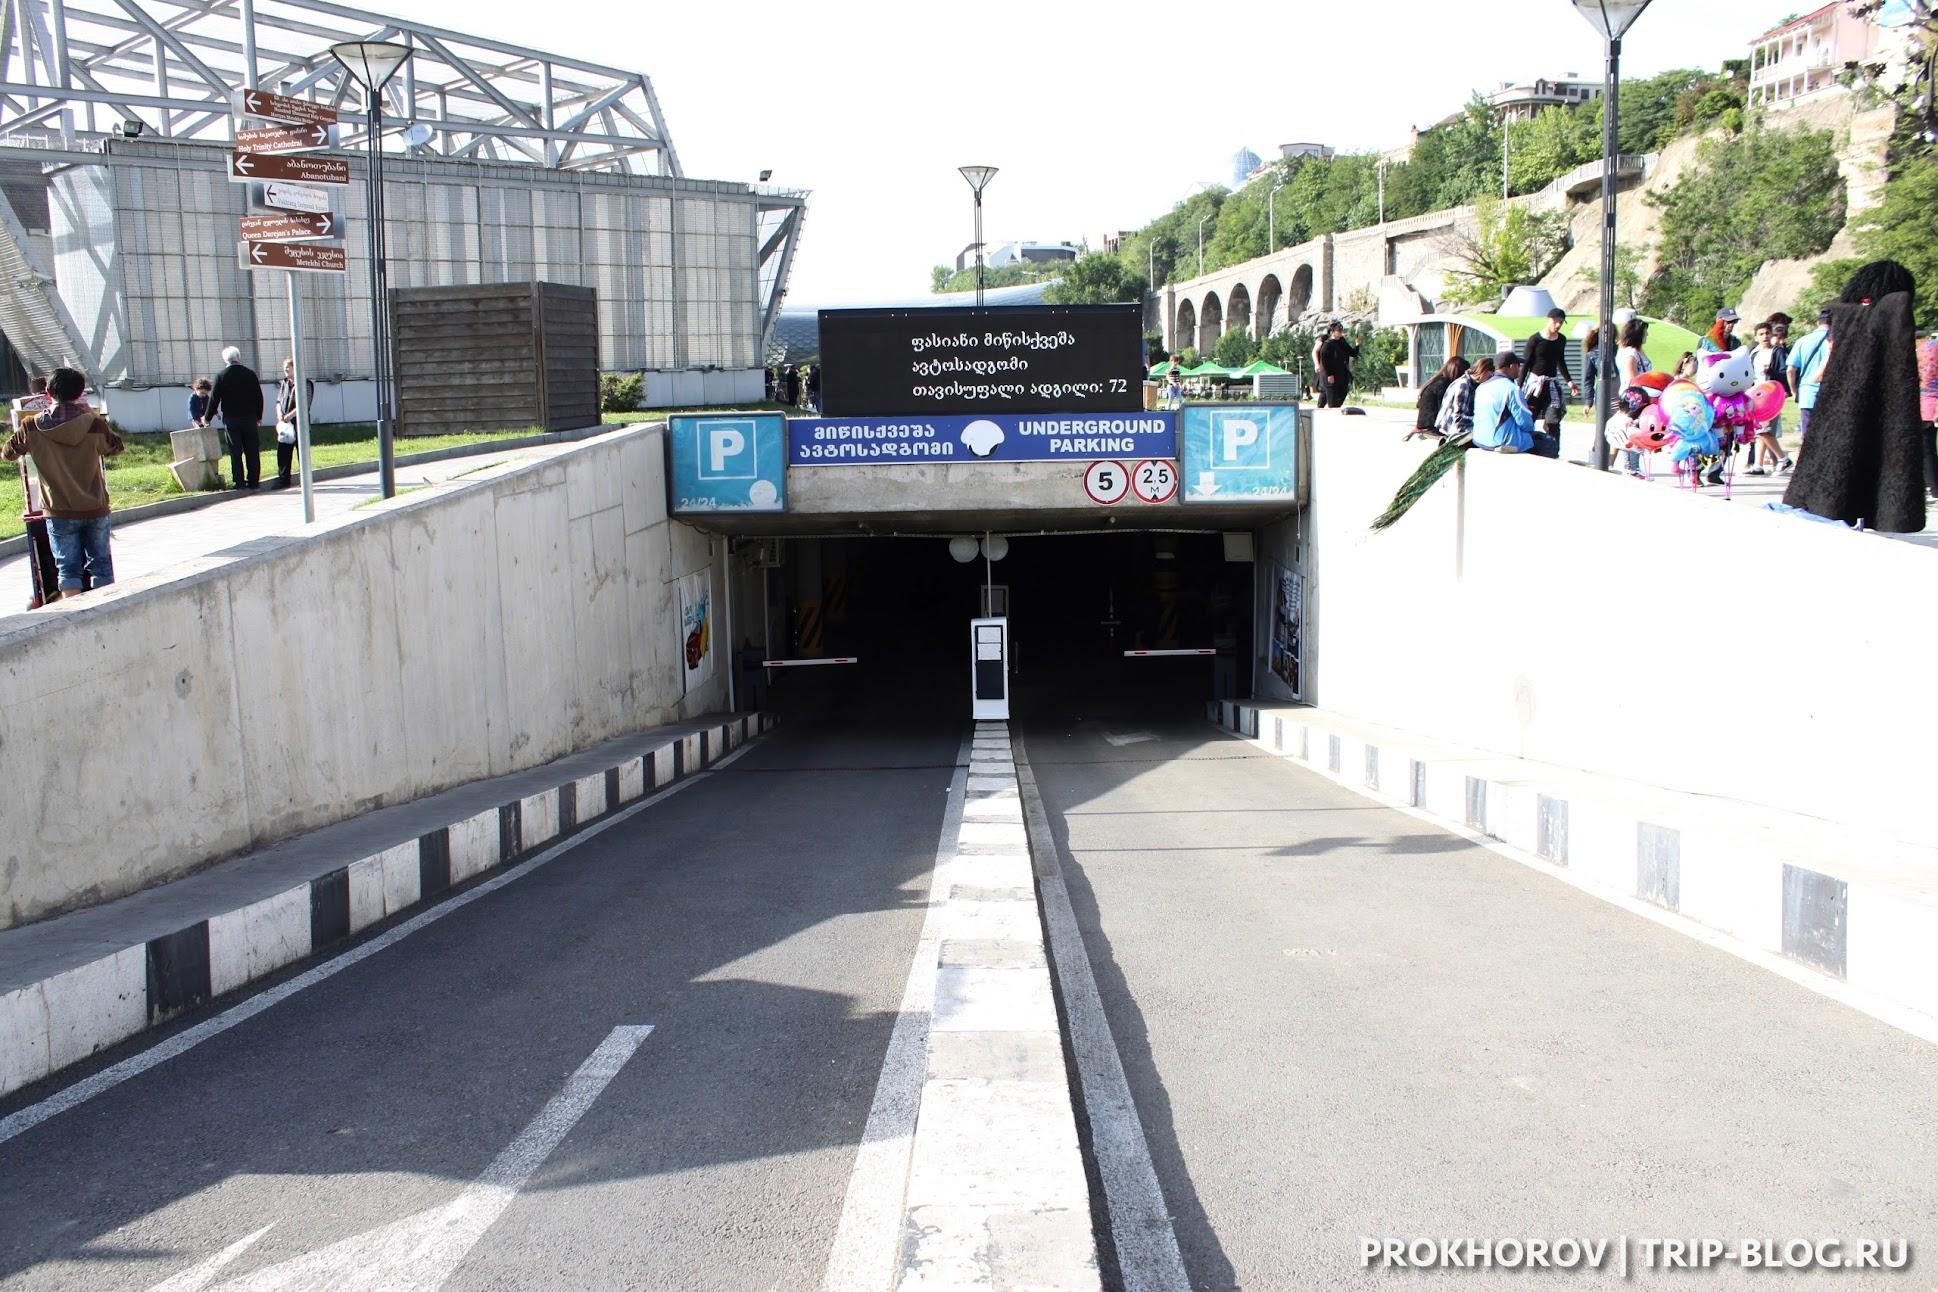 въезд на охраняемую круглосуточную парковку в Тбилиси